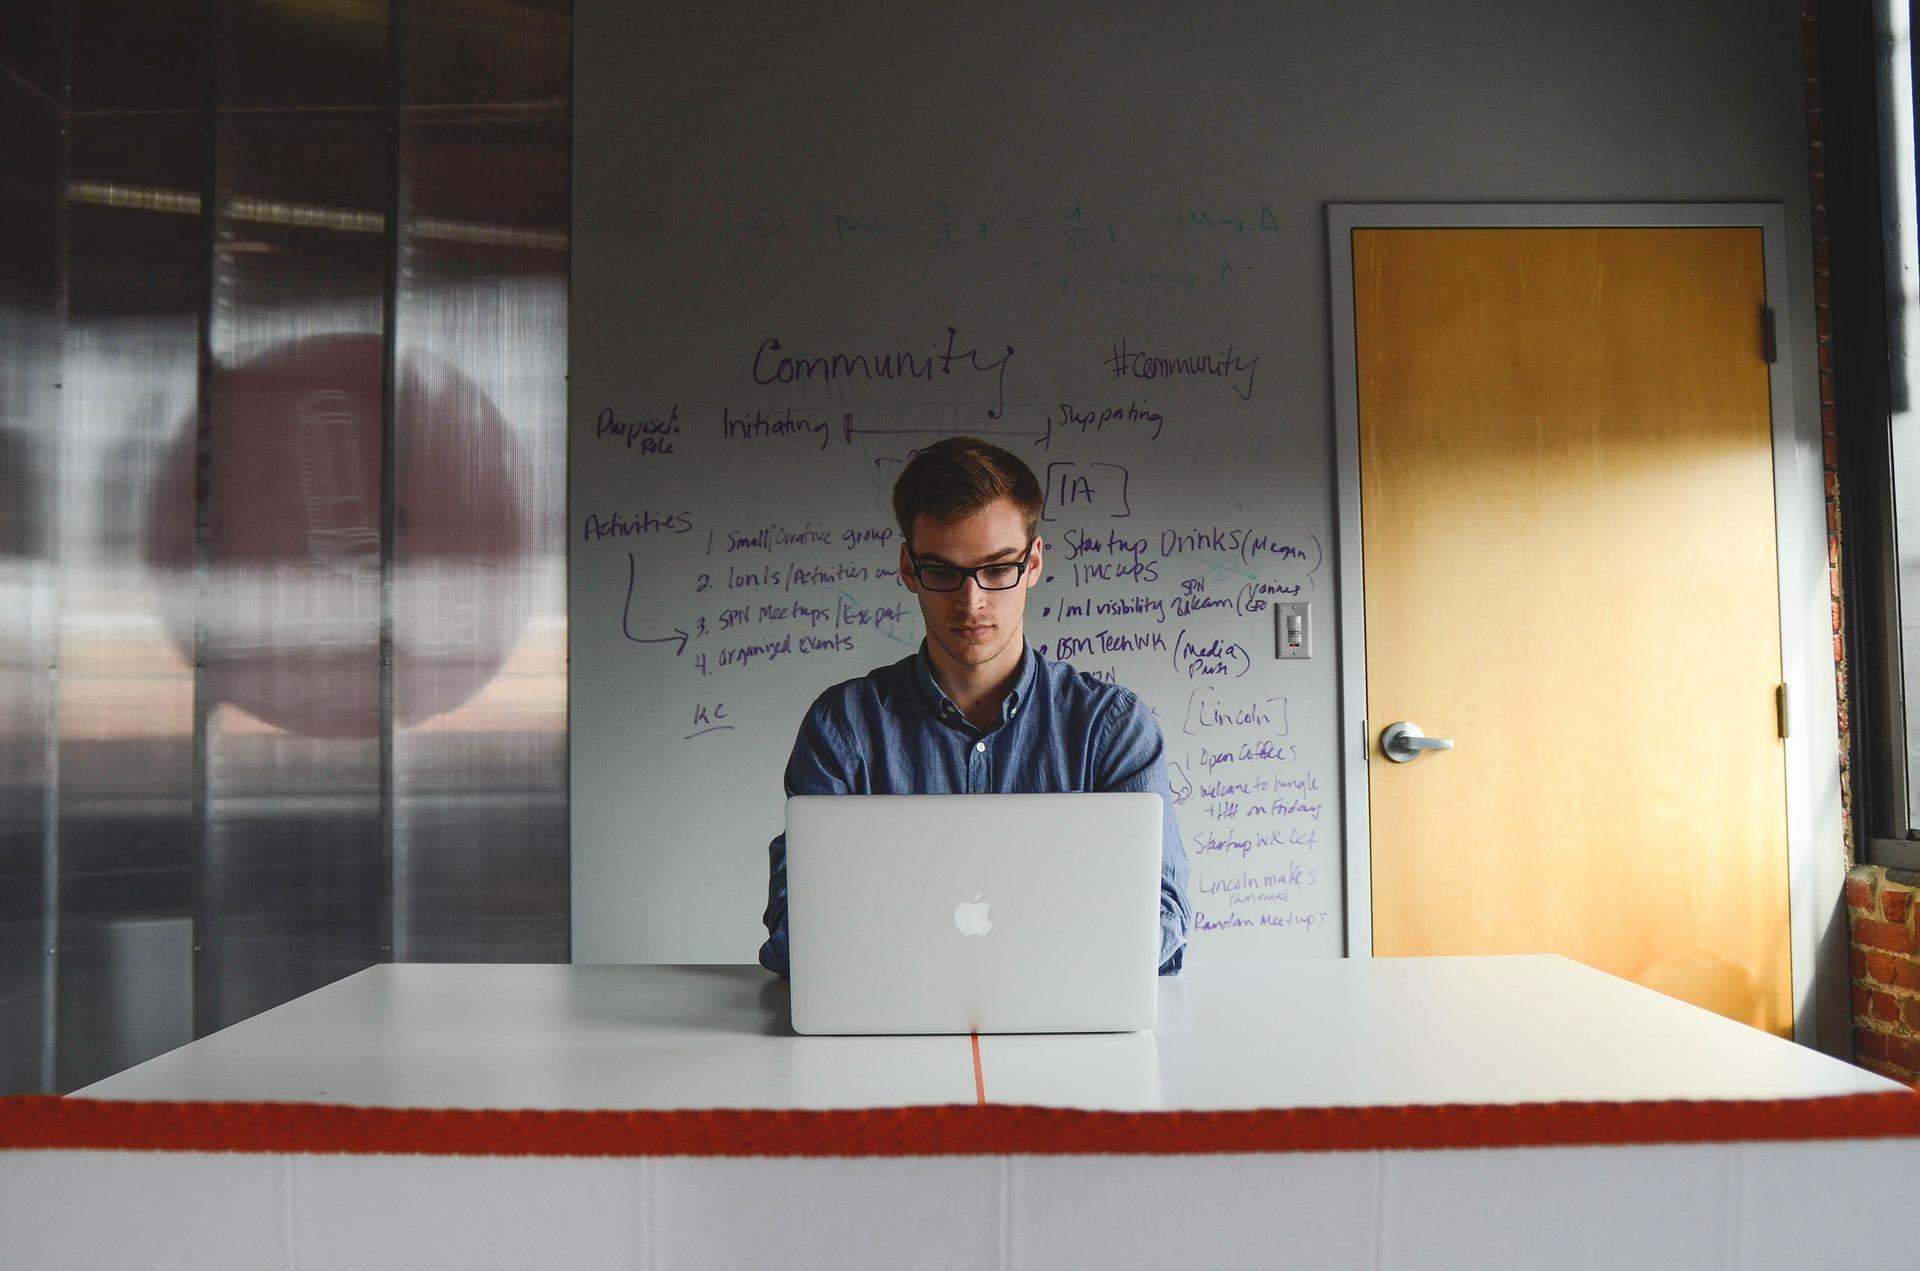 ثلاثة تحديات تواجه رواد الأعمال وكيفية التغلب عليها